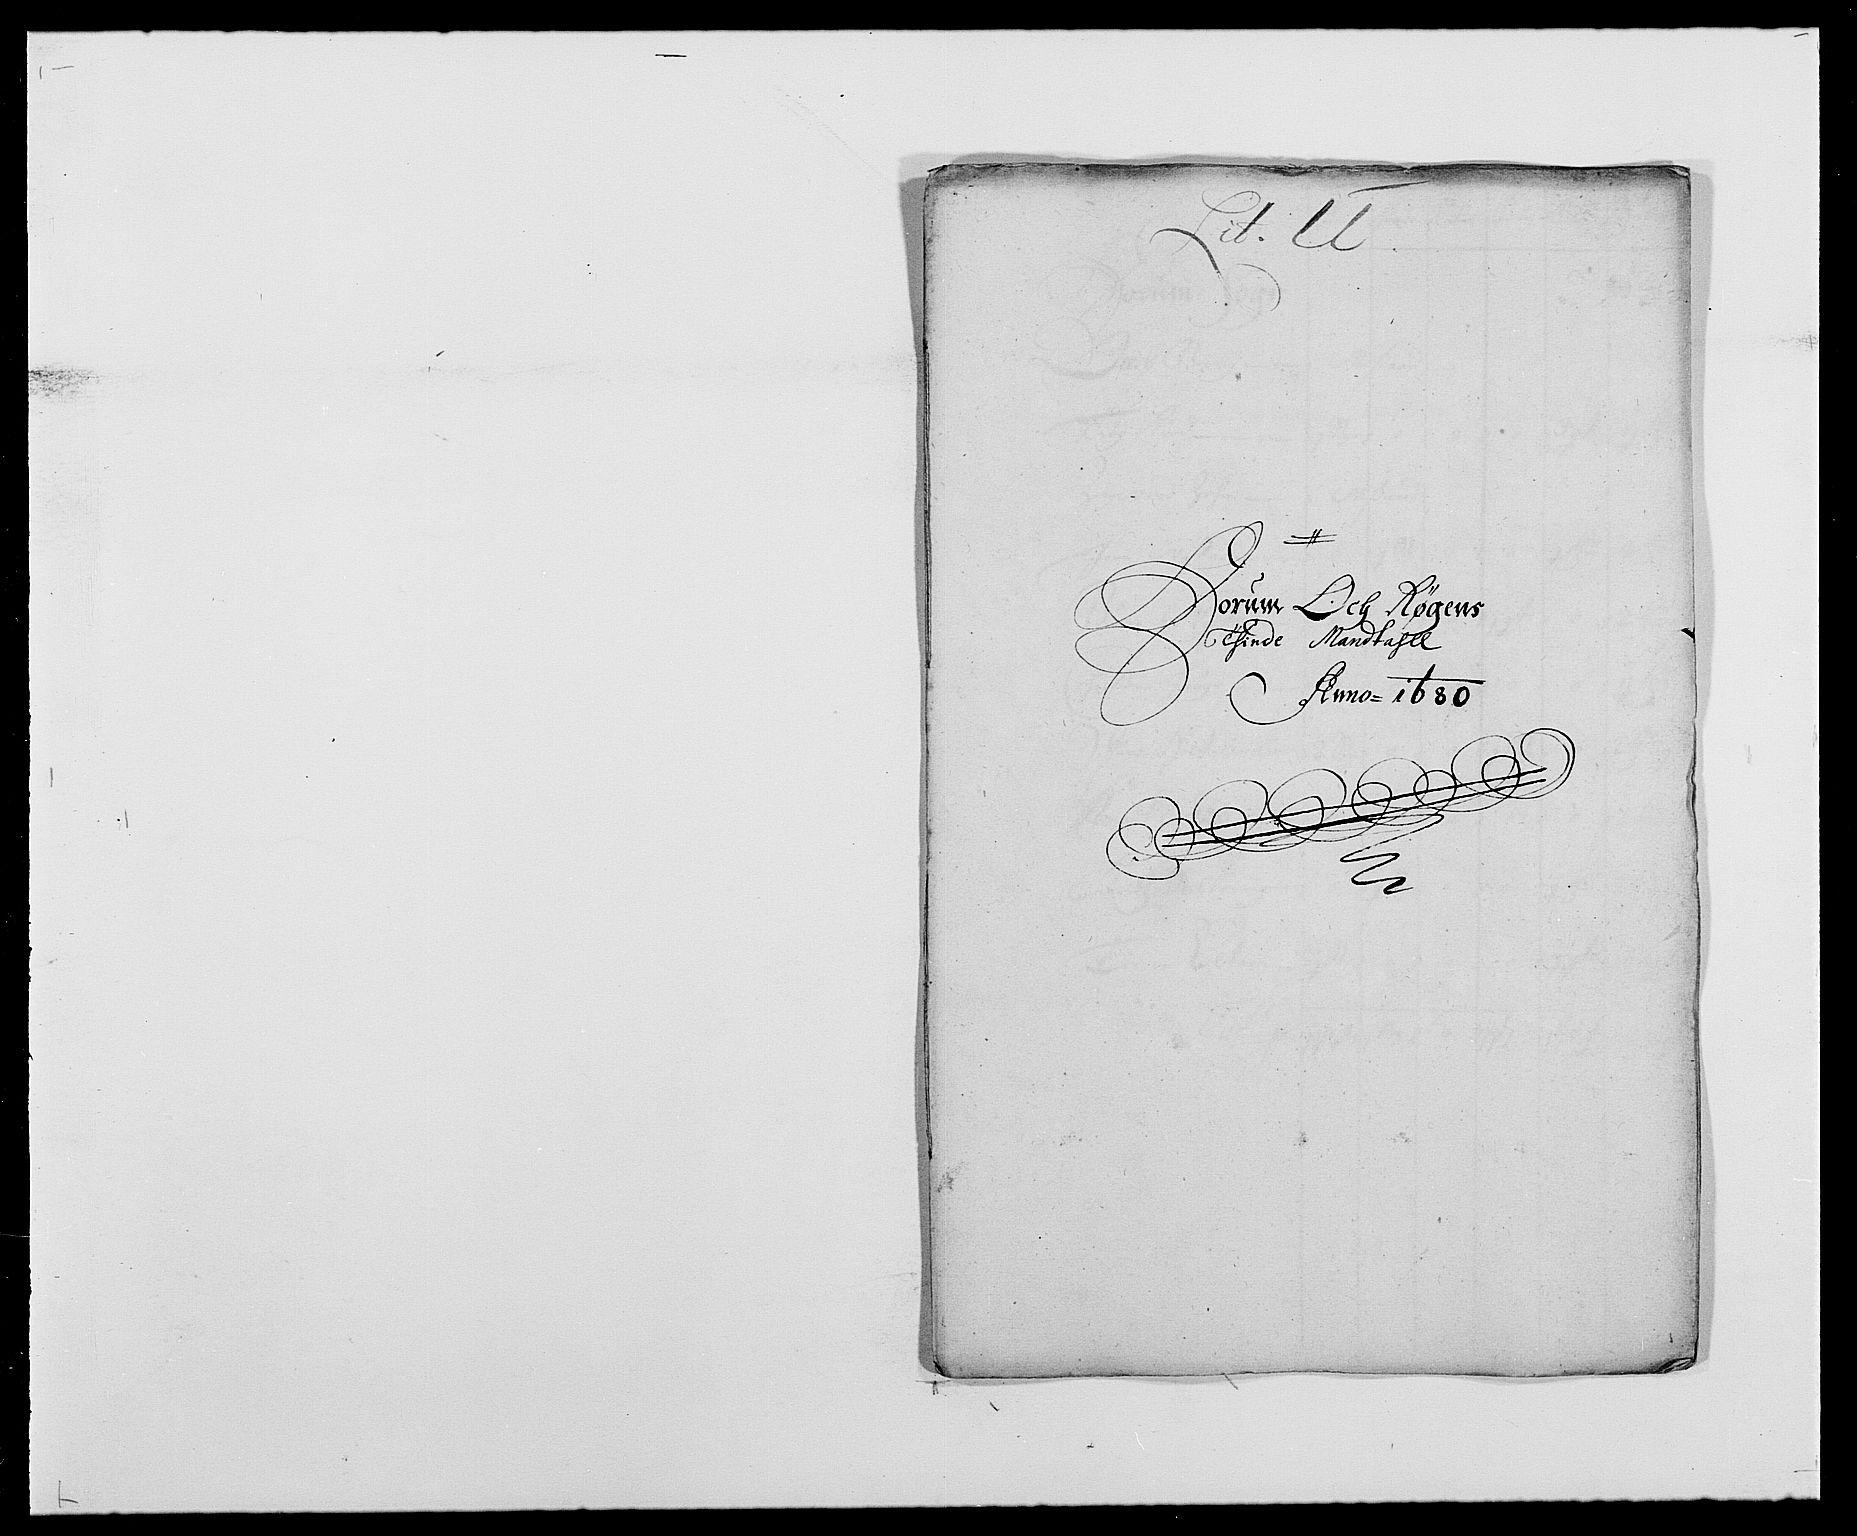 RA, Rentekammeret inntil 1814, Reviderte regnskaper, Fogderegnskap, R29/L1691: Fogderegnskap Hurum og Røyken, 1678-1681, s. 255